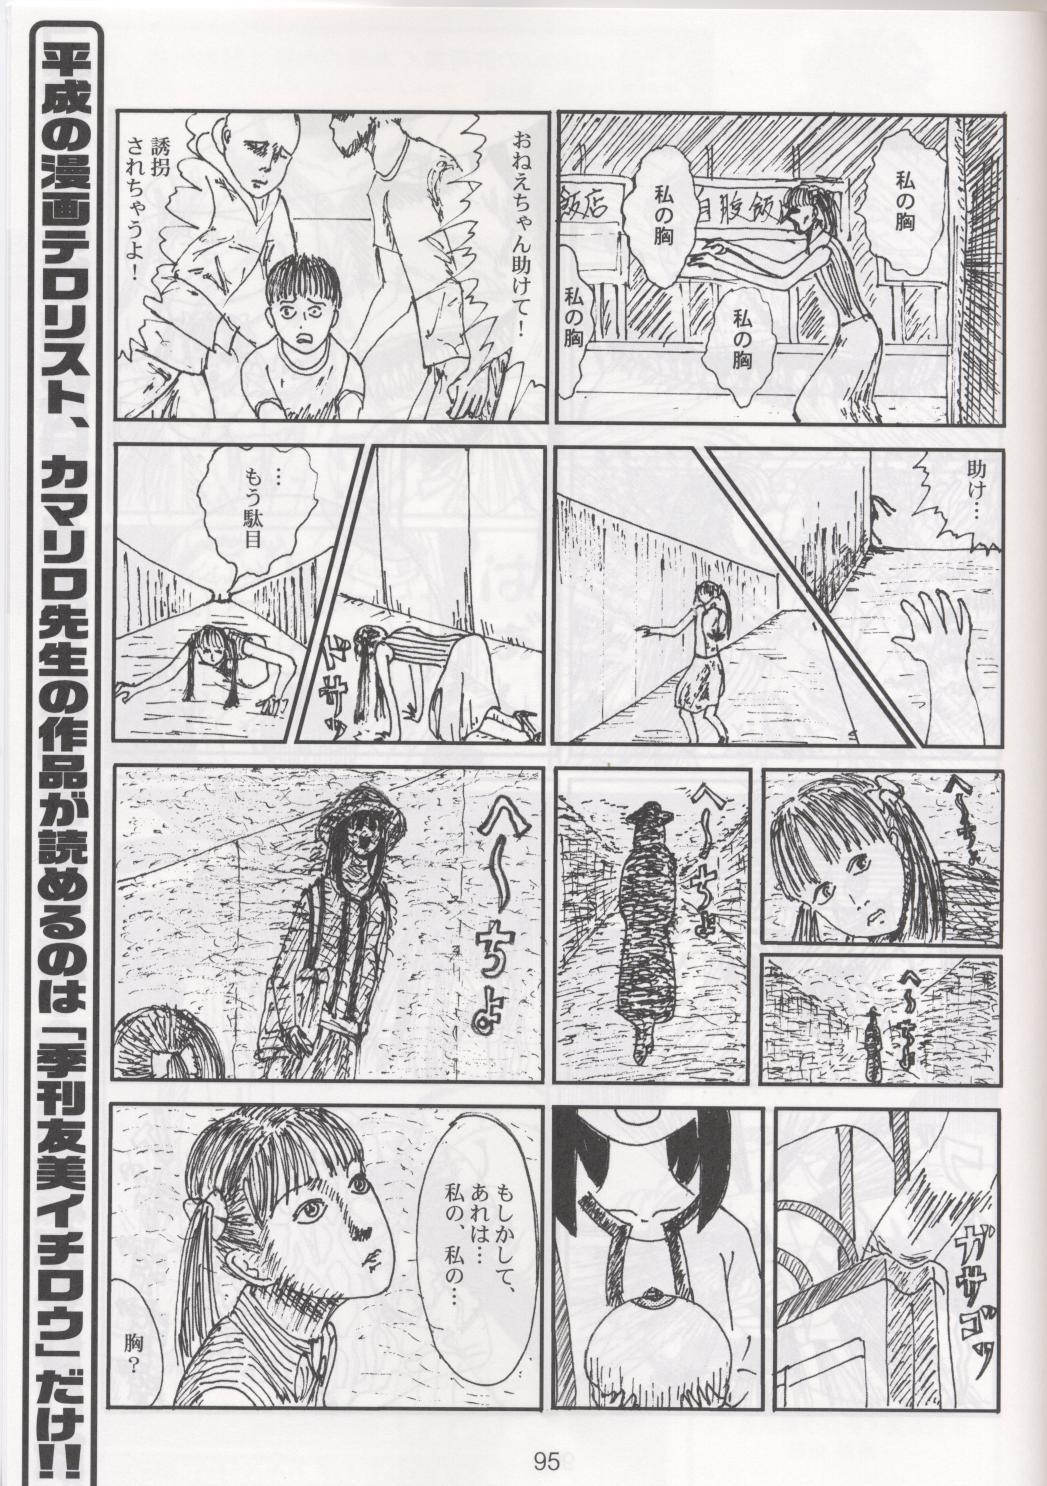 Kikan Tomomi Ichirou Dai 4 Gou 2002 Nen Natsu Aki Fuyu Daigappeigou 95